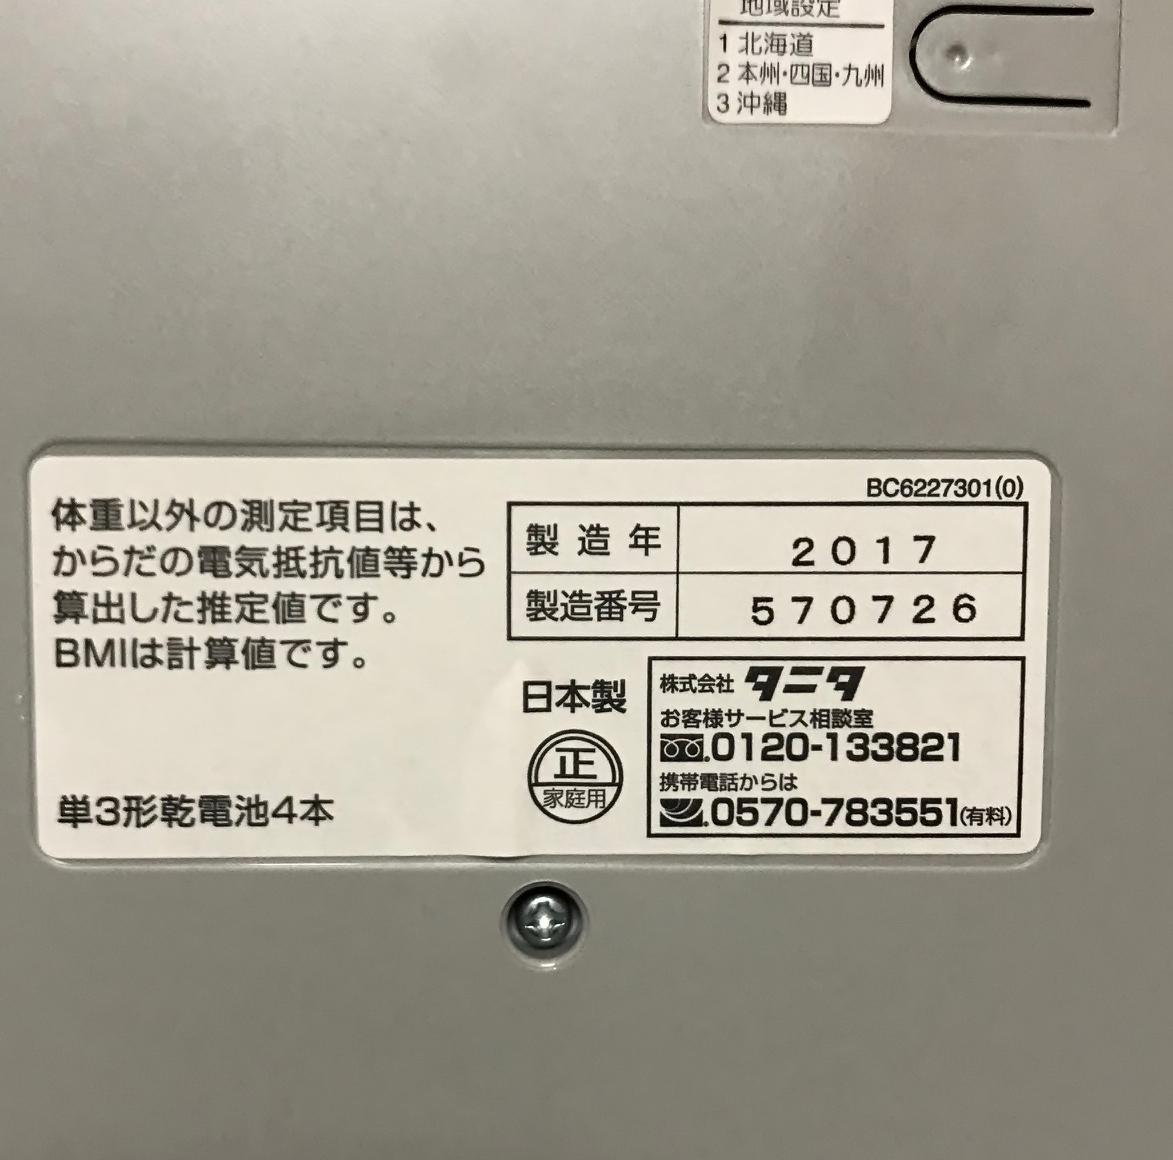 TANITA 体組織計【BC-705N-WH】 2017年製 使用数回美品_画像2